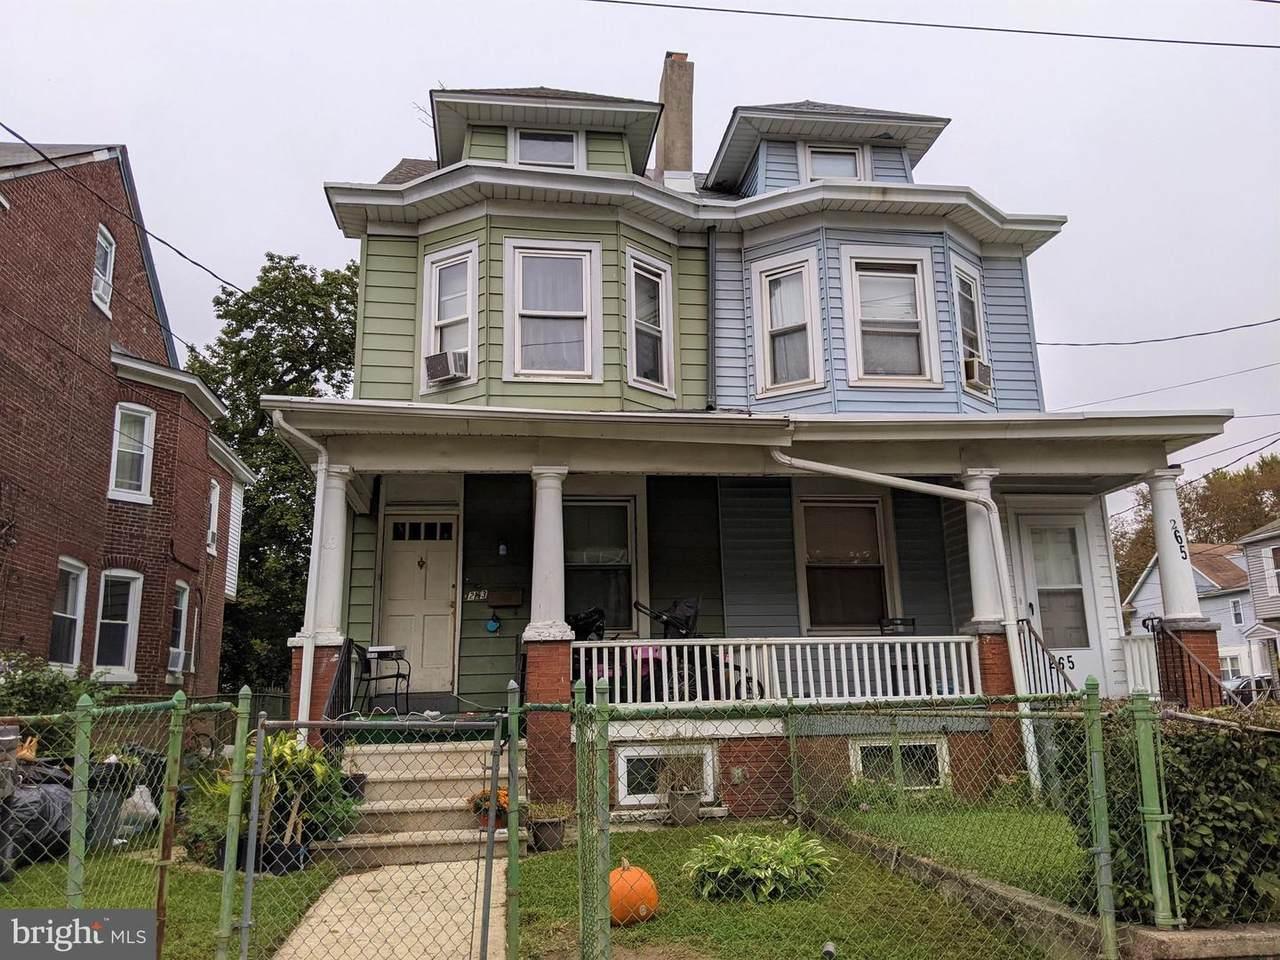 263 Highland Avenue - Photo 1